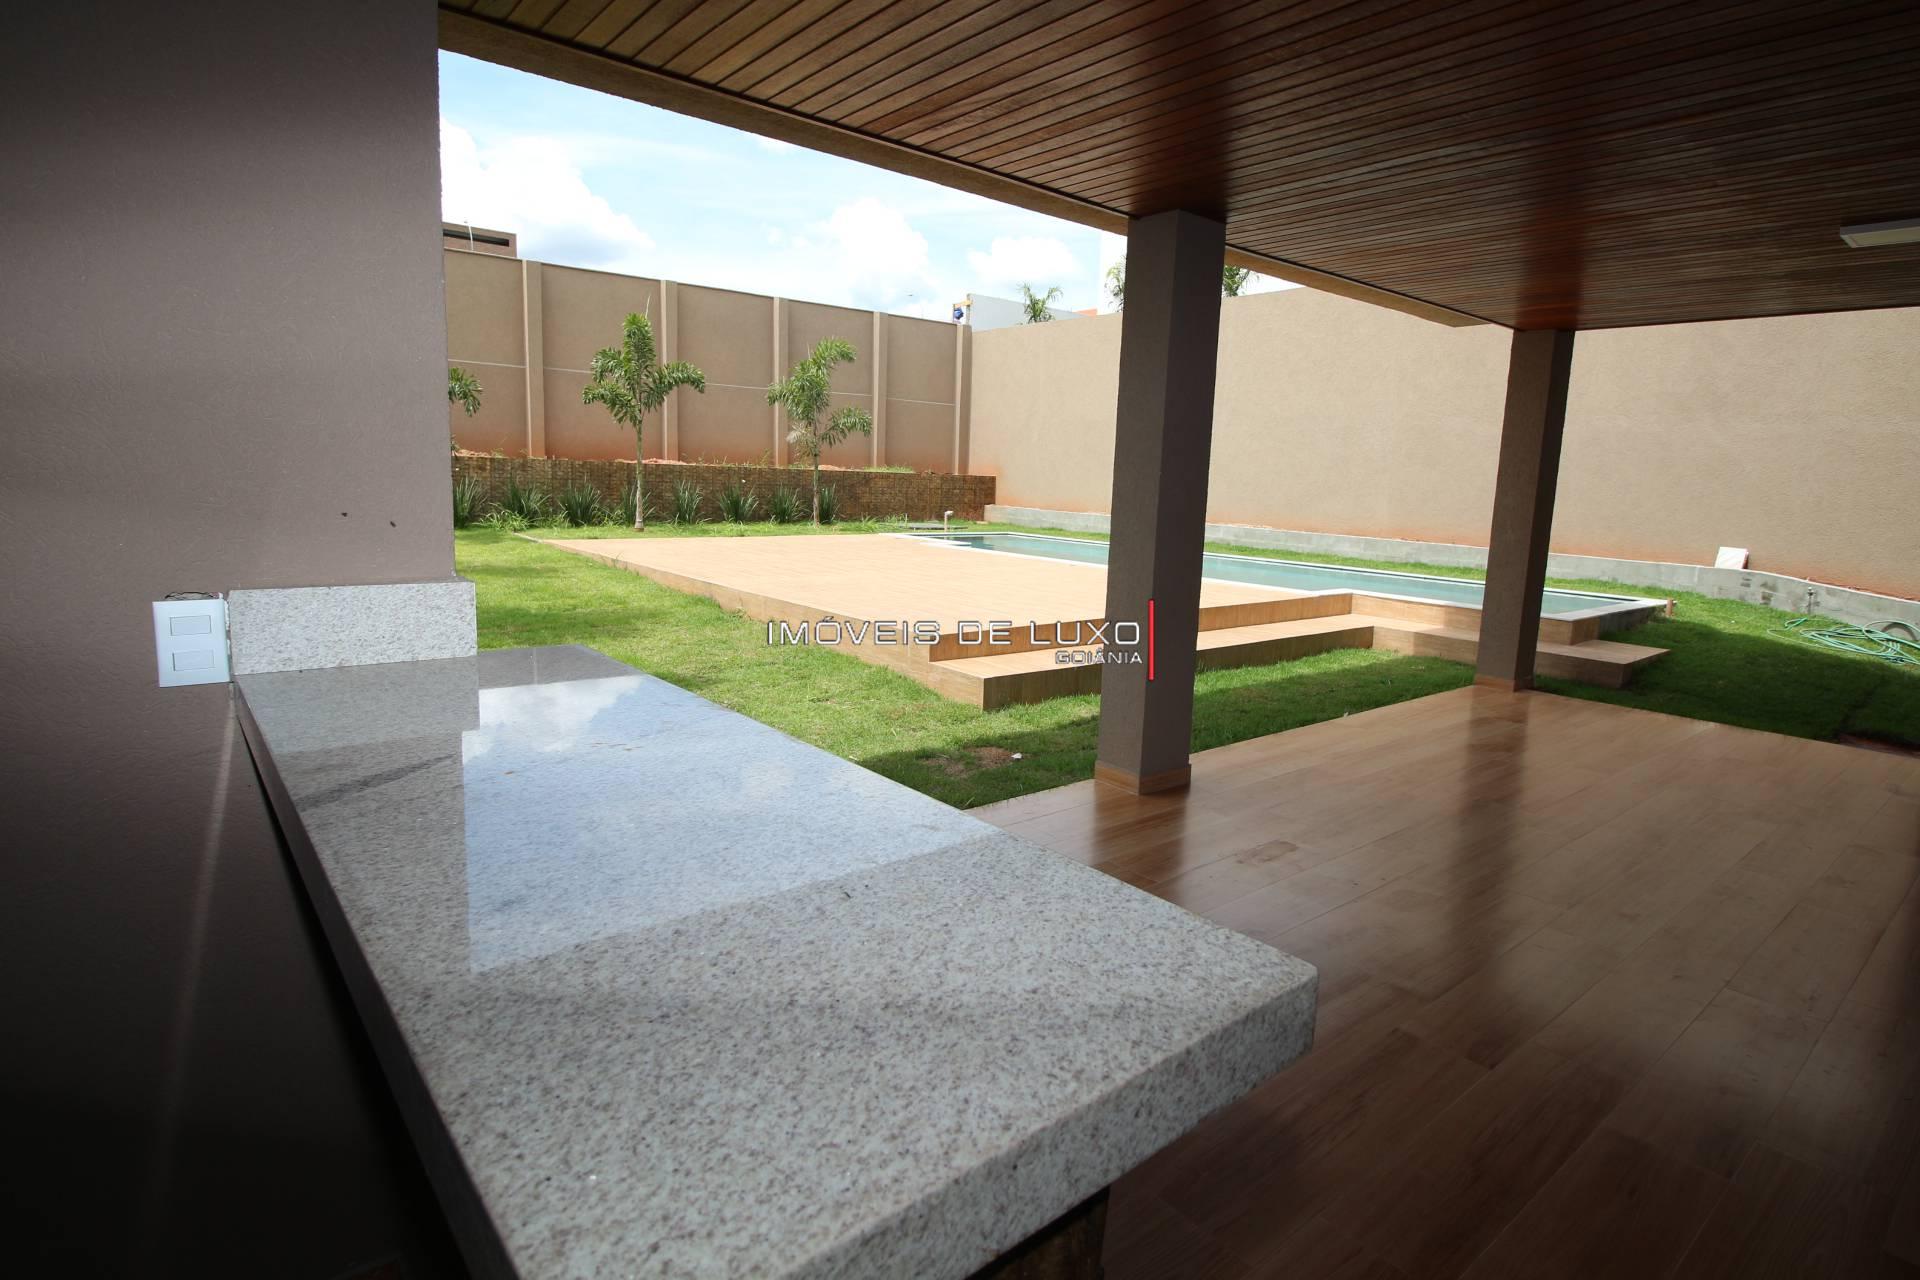 Imóveis de Luxo - Sobrado novo com 5 suítes no  Jardins Munique